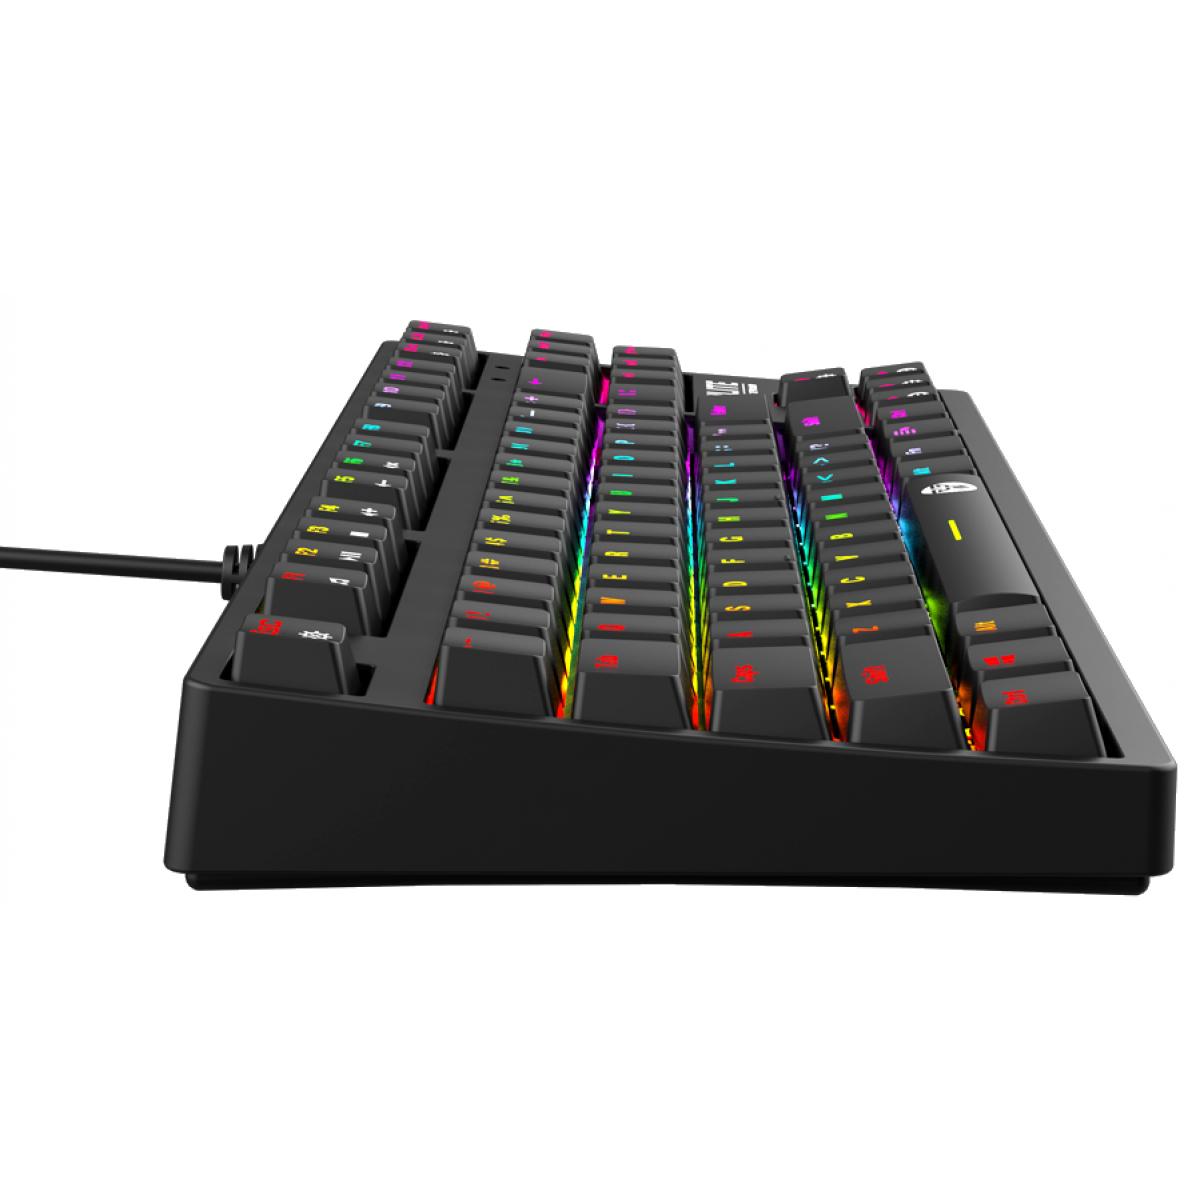 Teclado Gamer Mecânico Fantech Optilite, RGB, Switch Black, Black, MK872